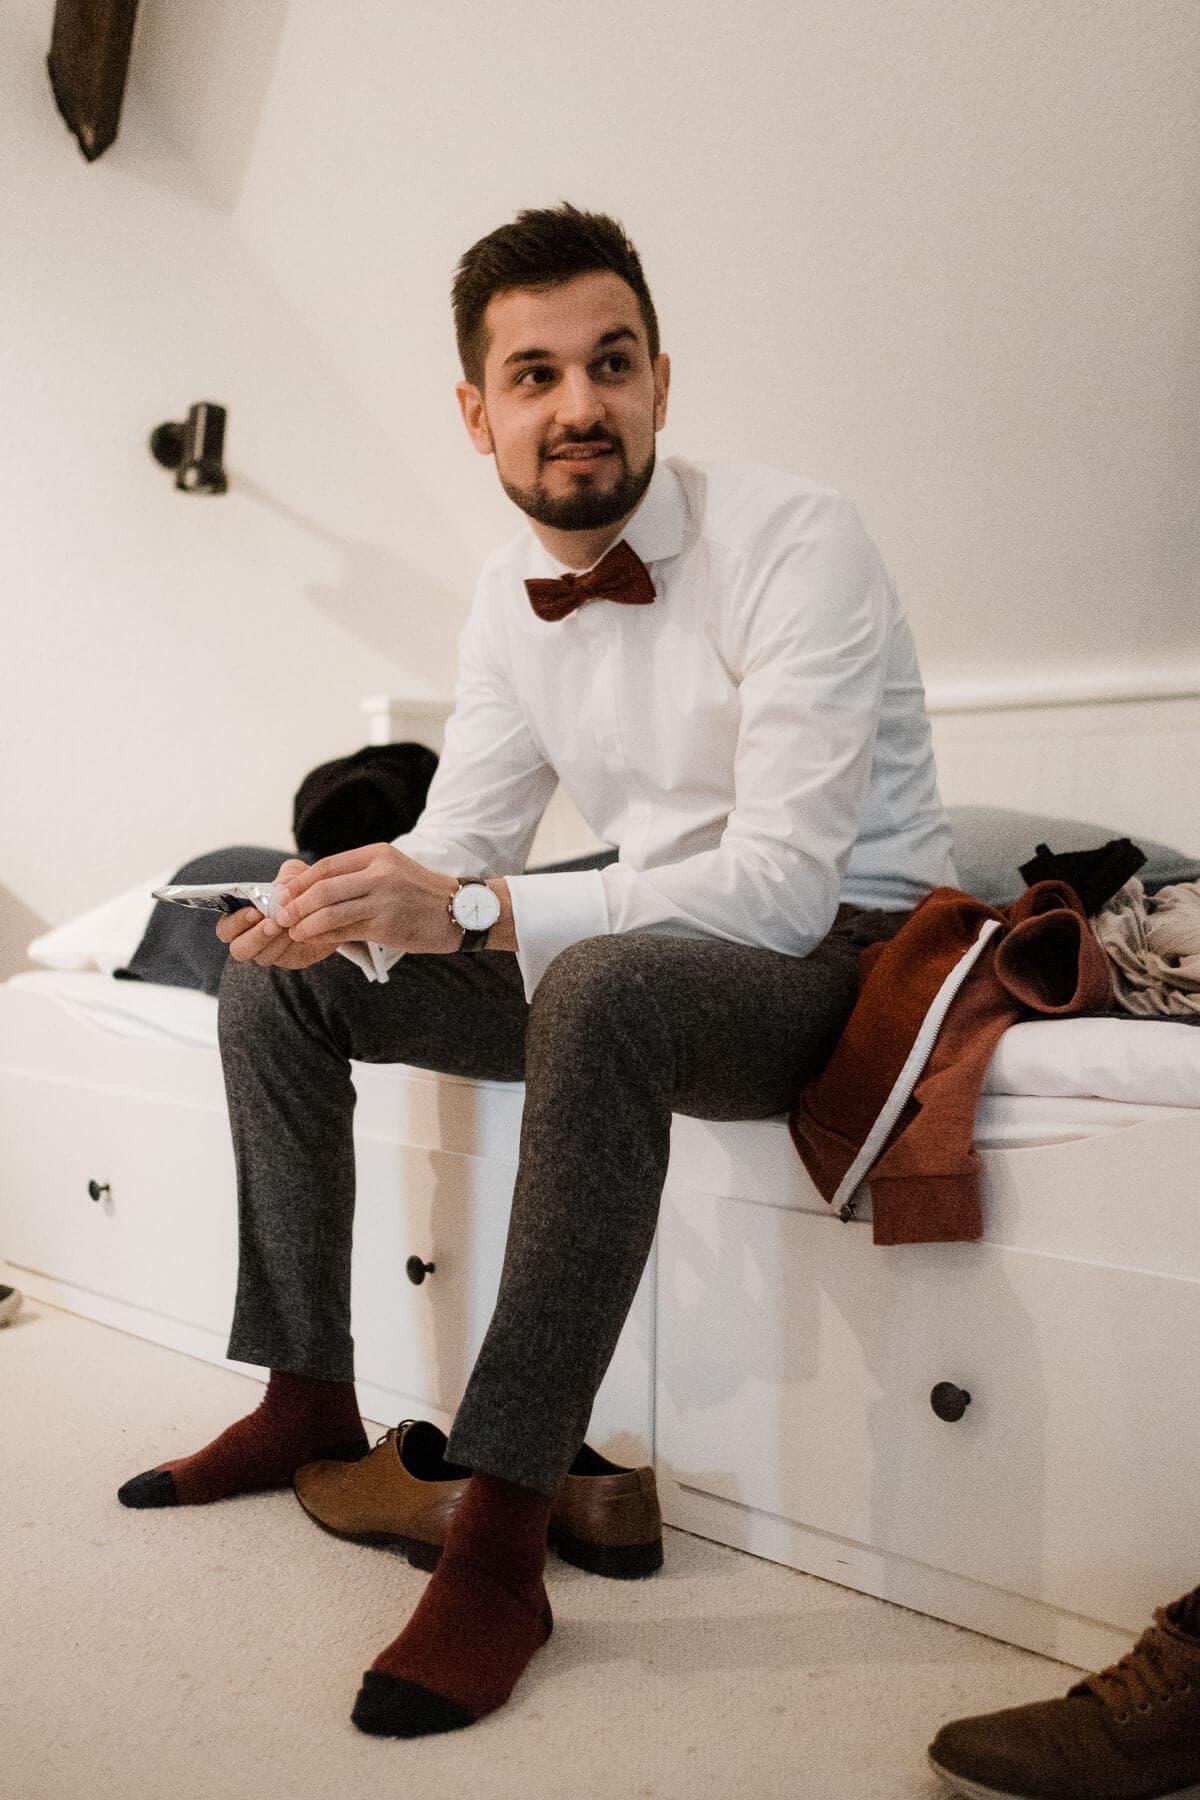 der Bräutigam sitzt in einem Dachzimmer auf einem Bett, er trägt ein weißes Hemd und eine Fliege, er trägt rote Socken, sein Blick ist zur Seite gerichtet